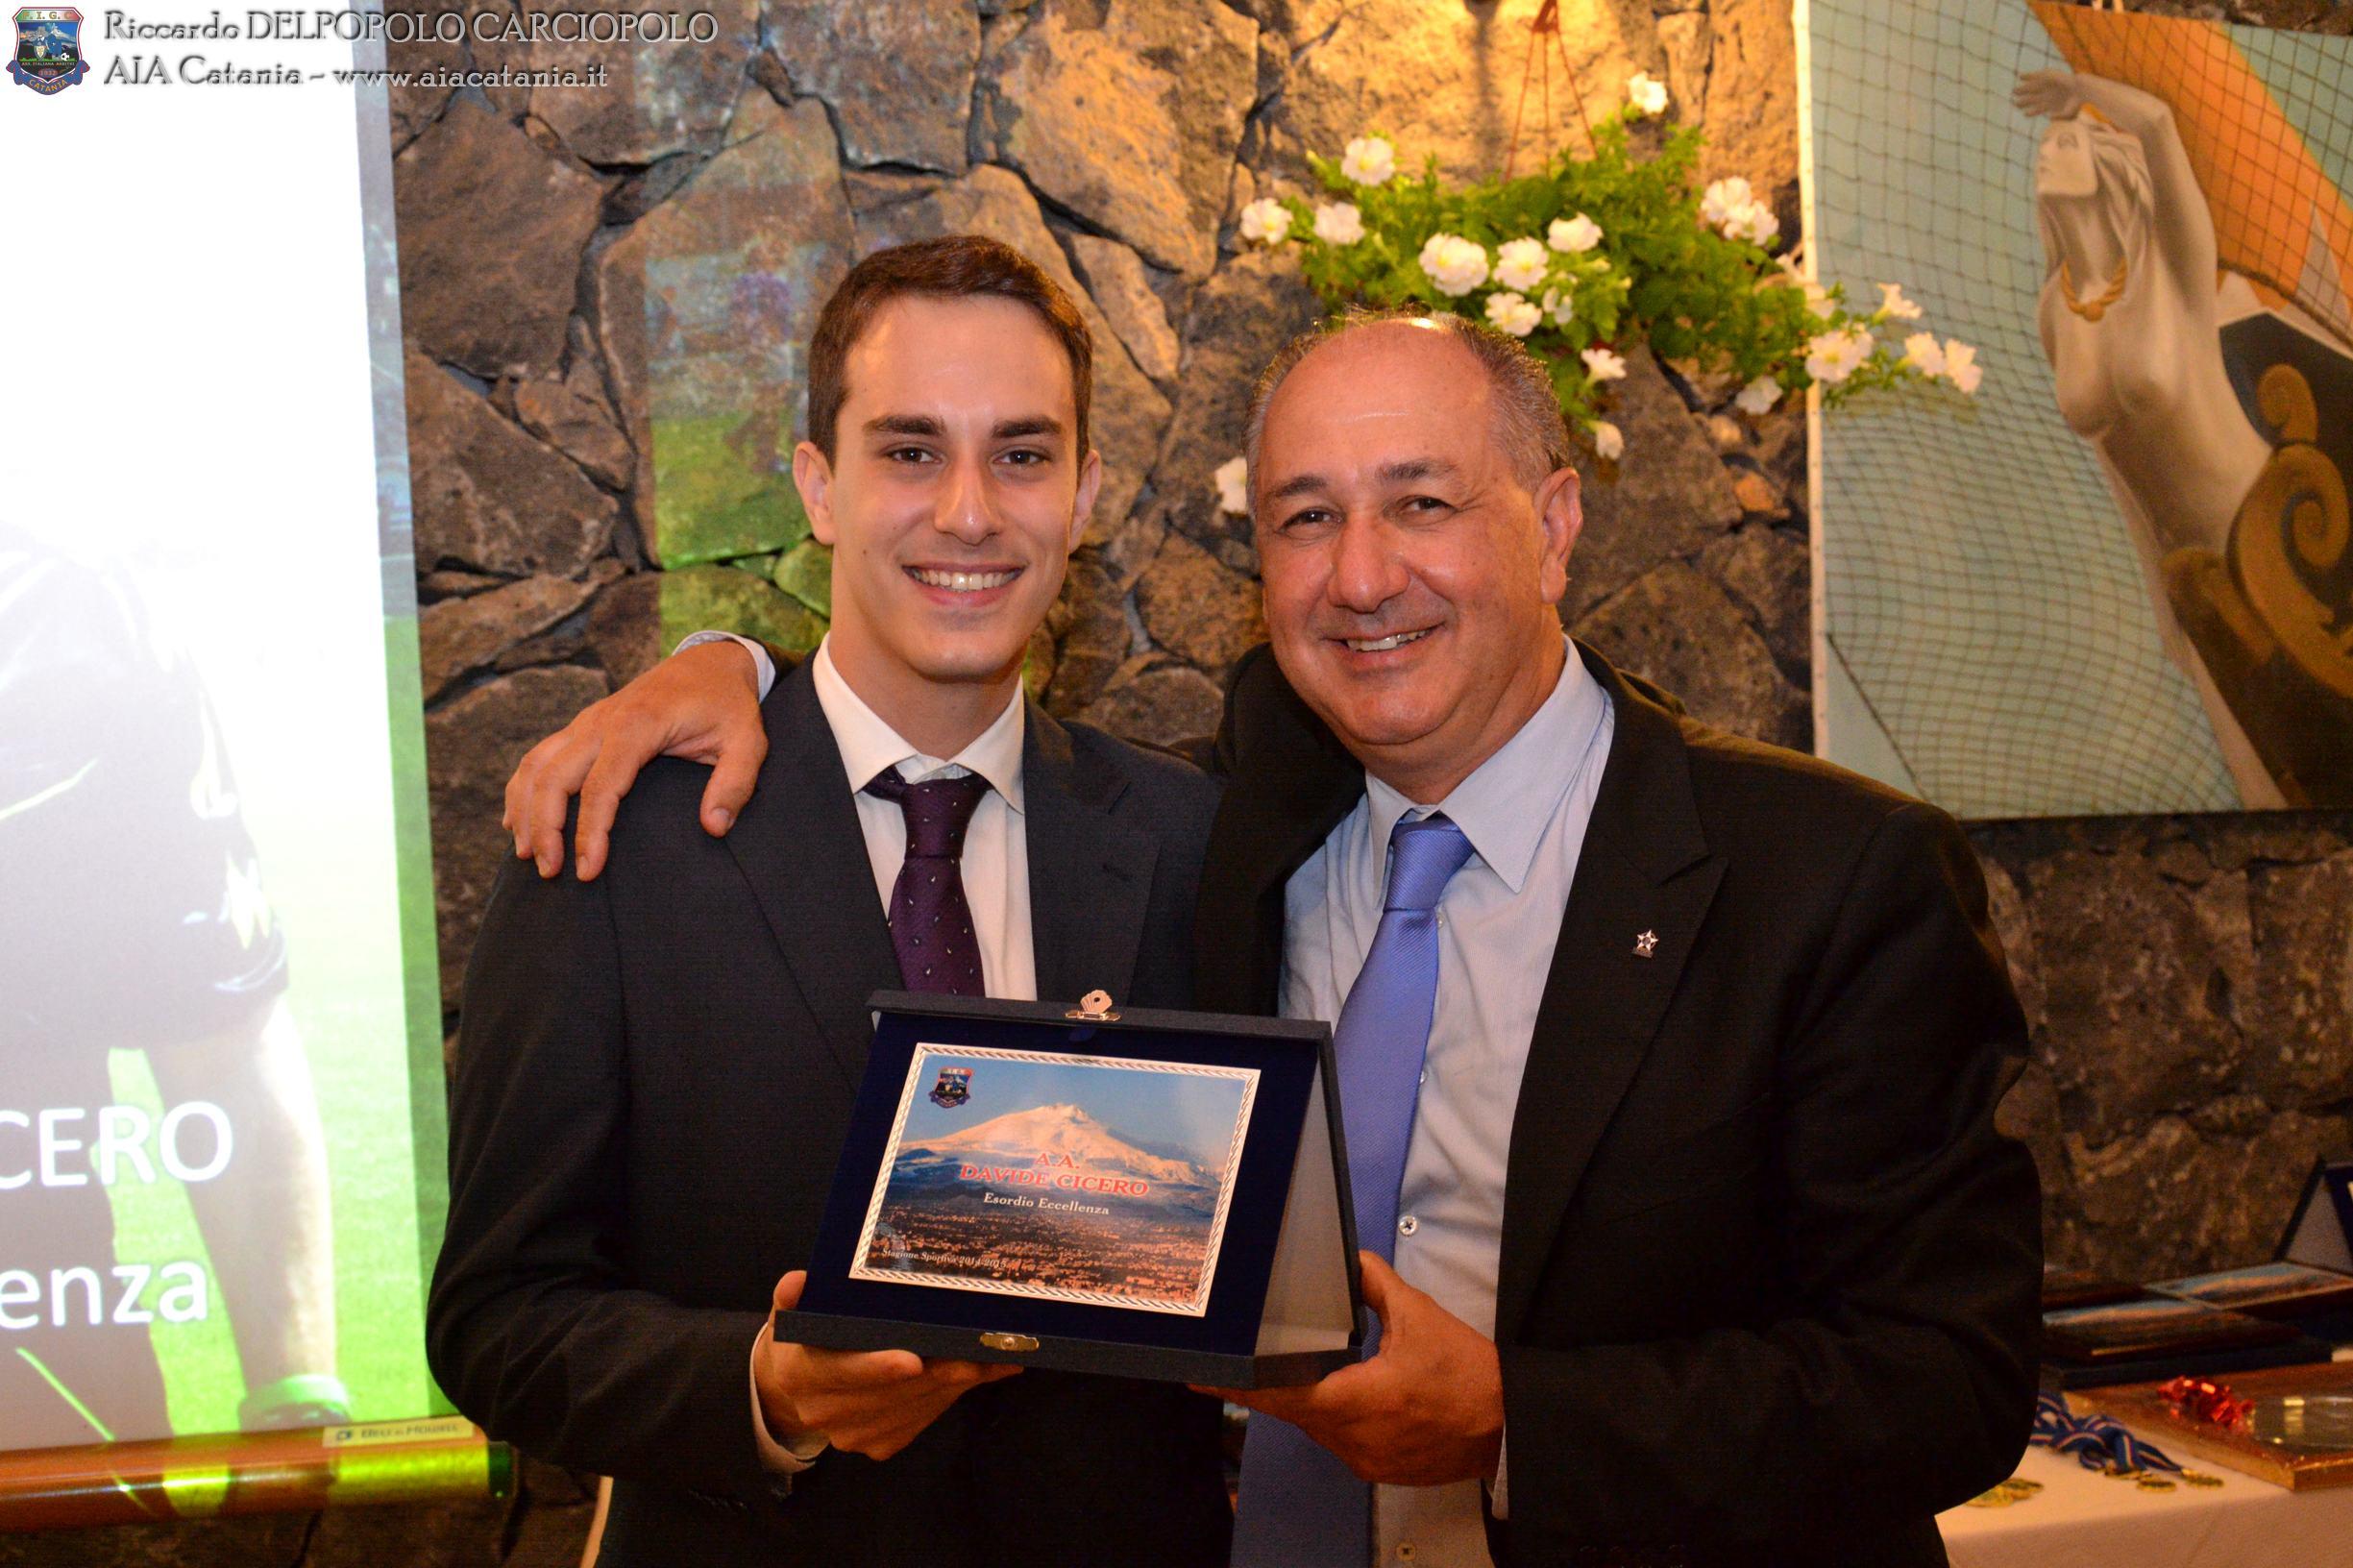 A.A. Davide CICERO premiato per l'esordio in Eccellenza dall'A.B. Andrea BATTAGLIA, Presidente della sezione di Ragusa.